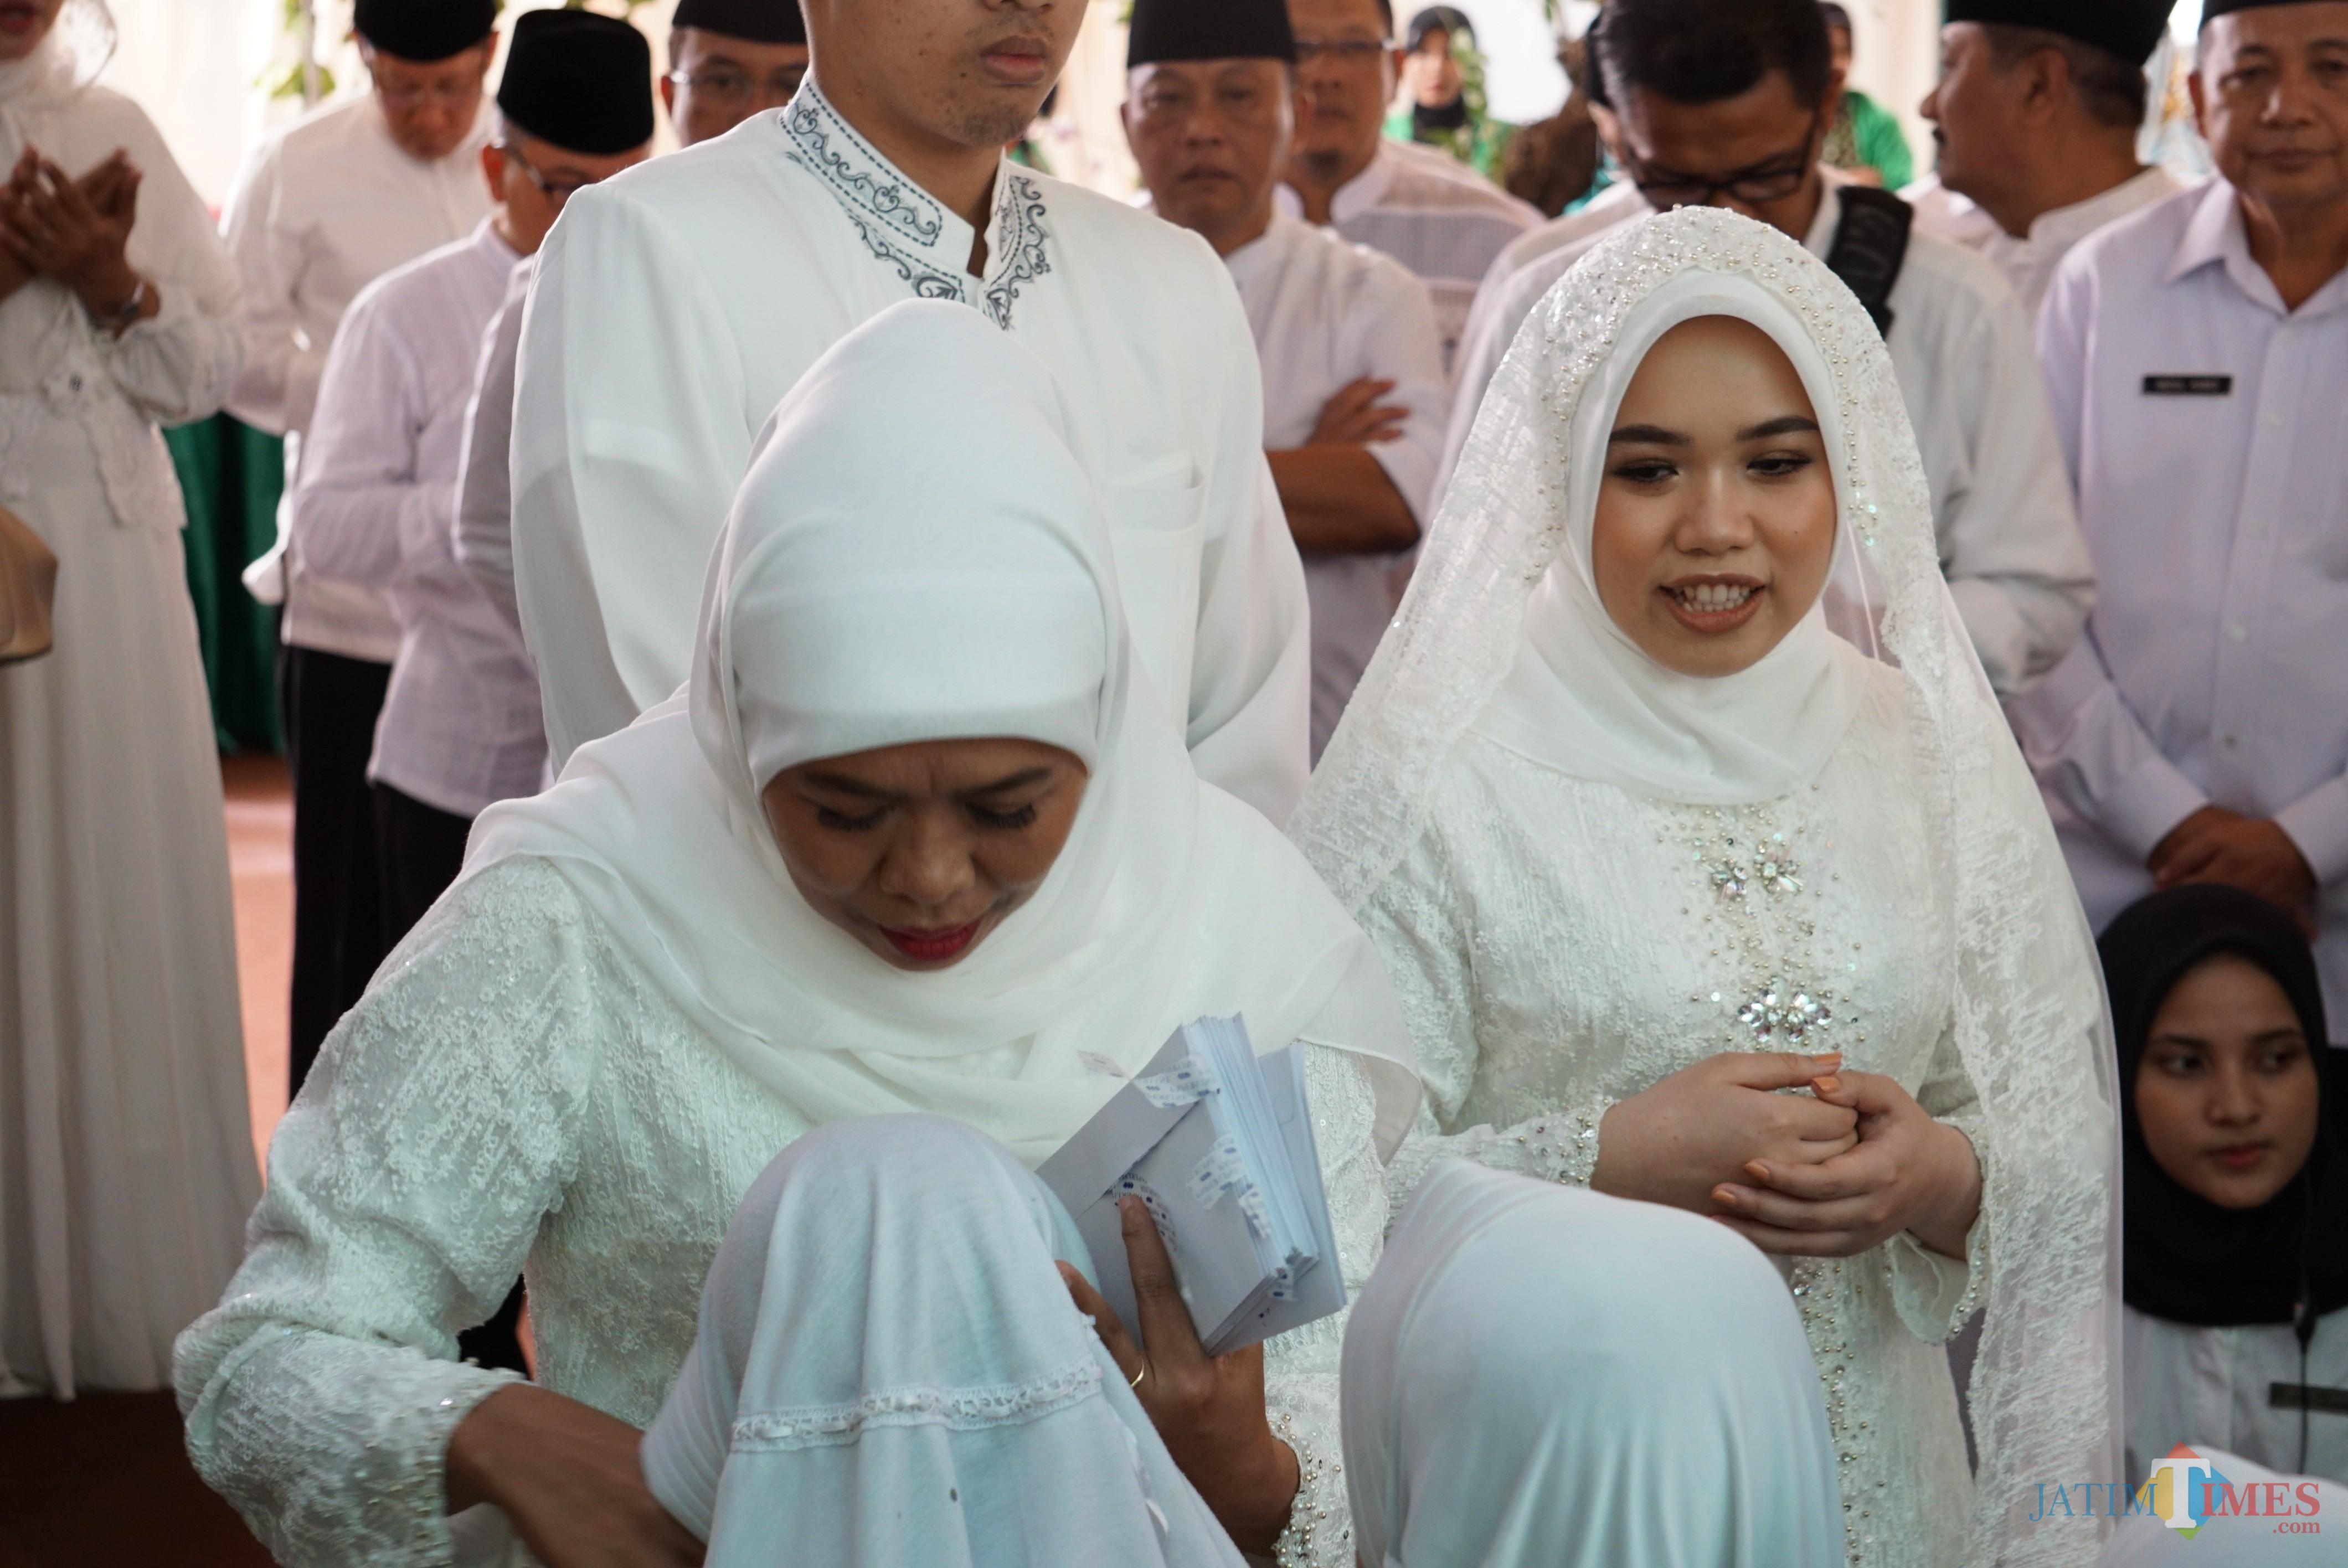 Gubernur Jatim Khofifah bersama putri pertamanya Patimasang saat pengajian